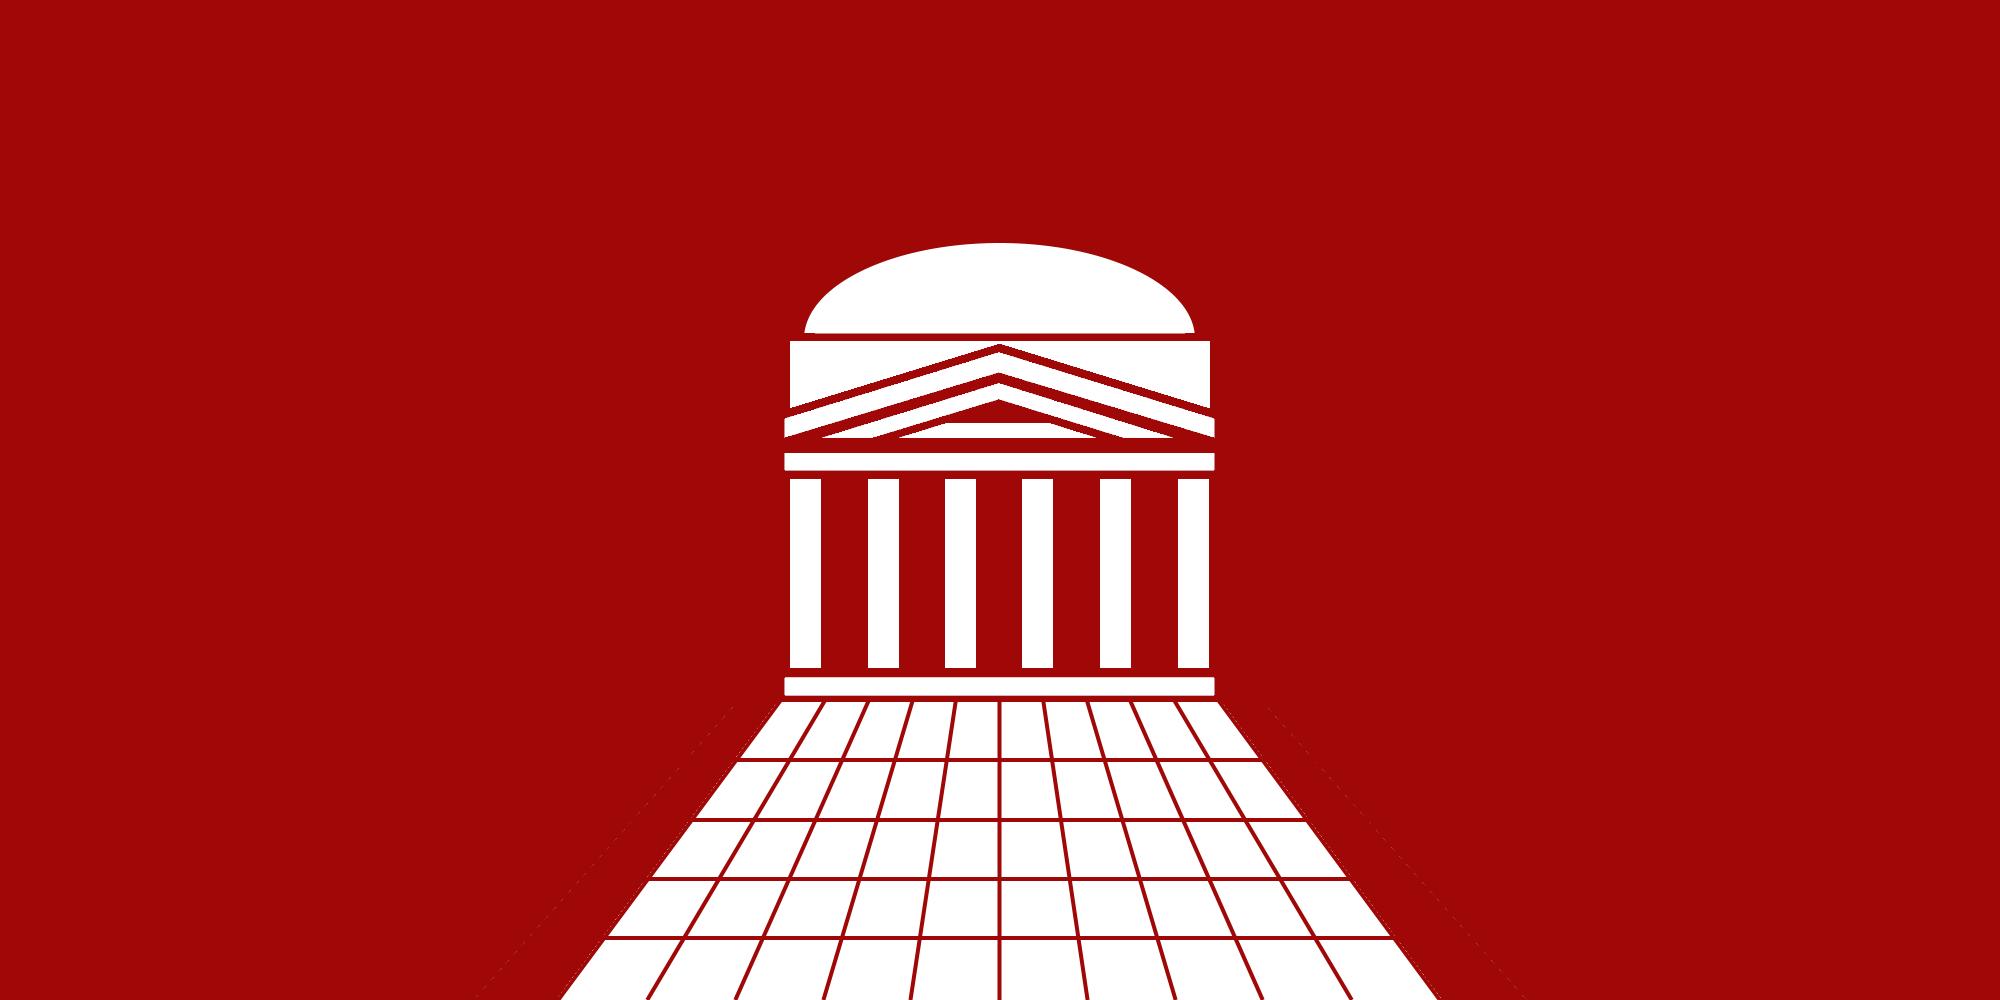 Bandiera del Revival Romano